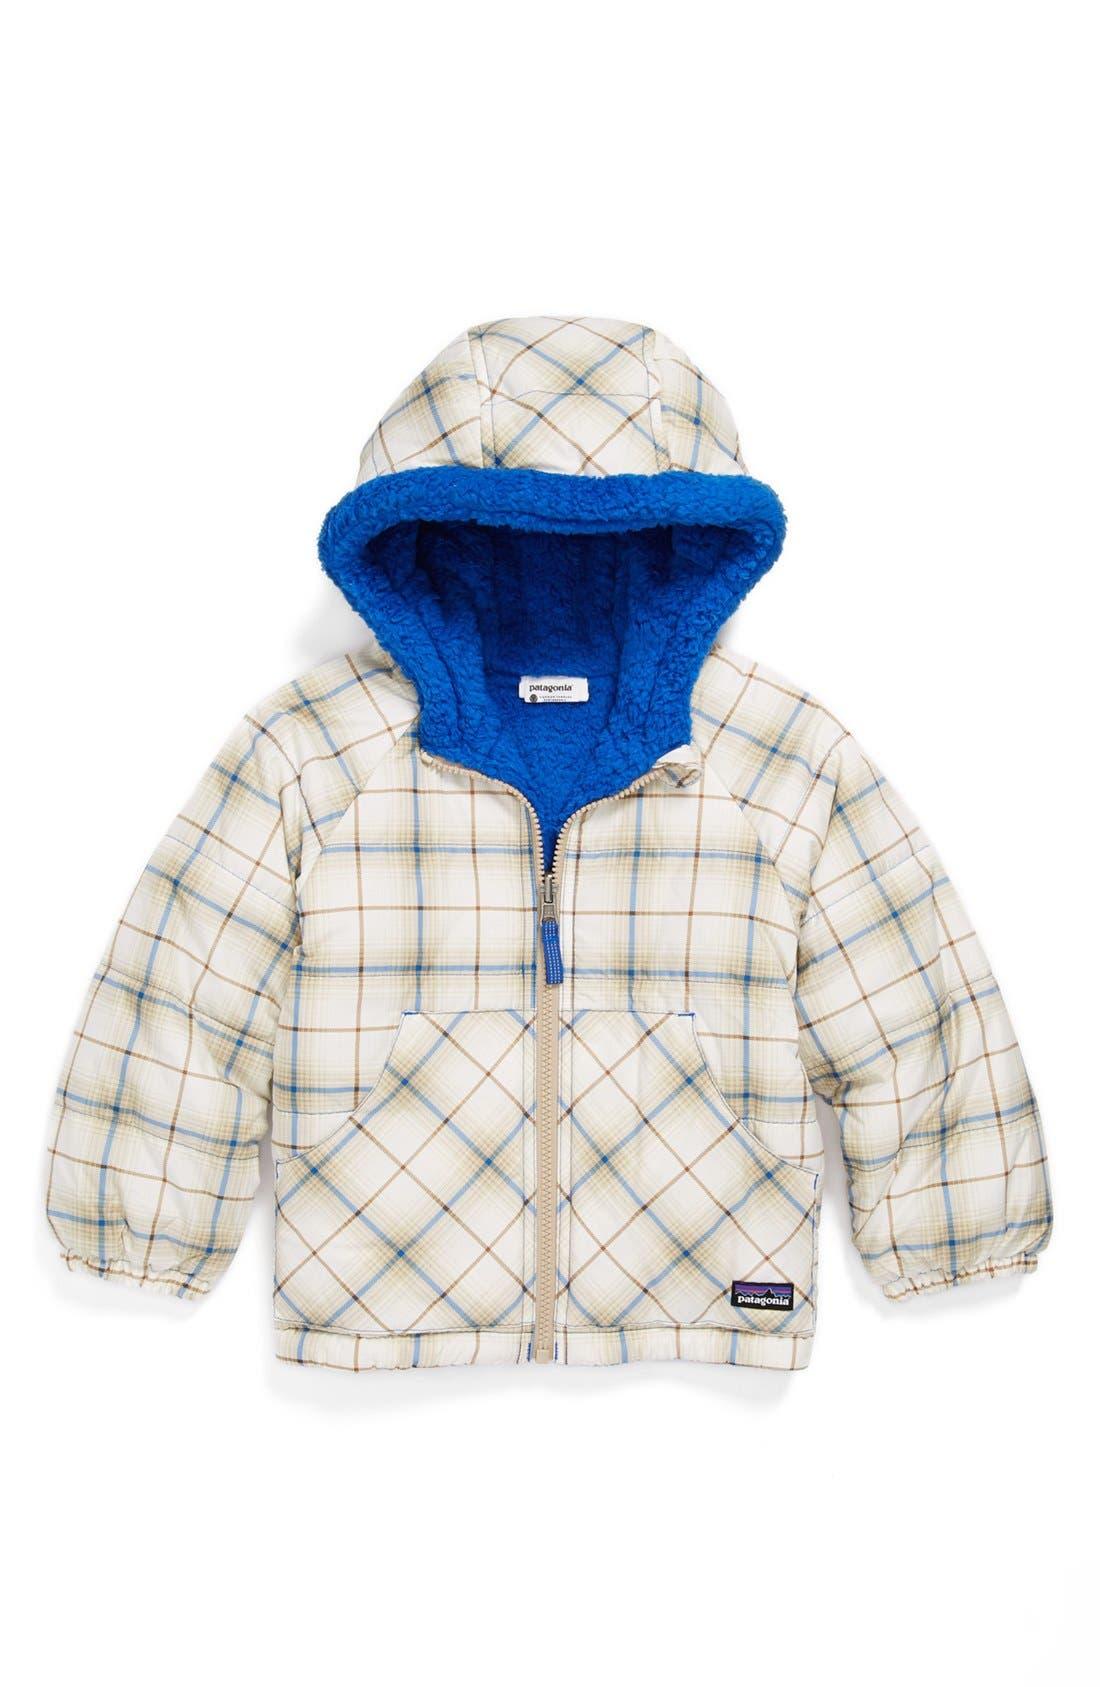 Alternate Image 1 Selected - Patagonia Reversible Jacket (Toddler)